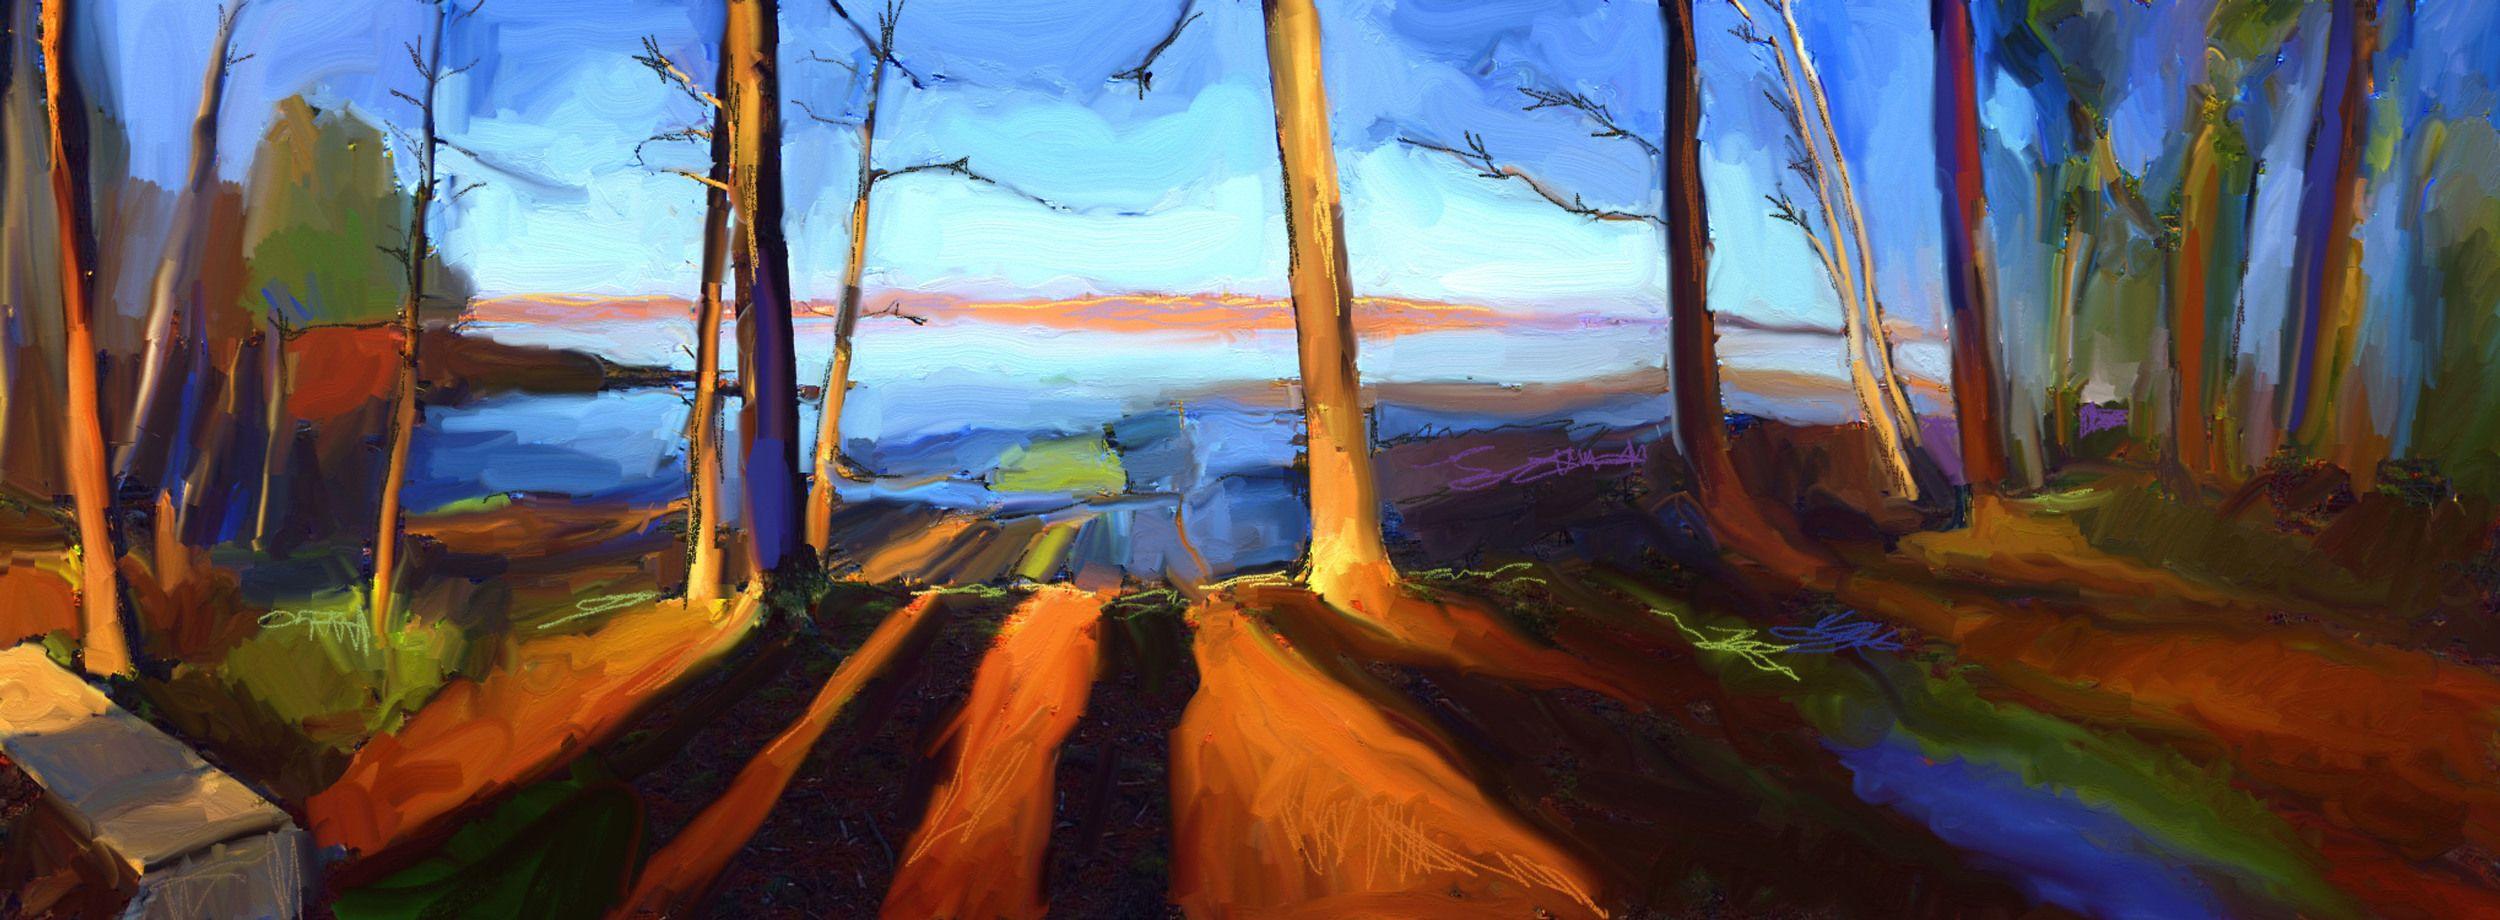 Andrew faulkner bay area artist andrew faulkner